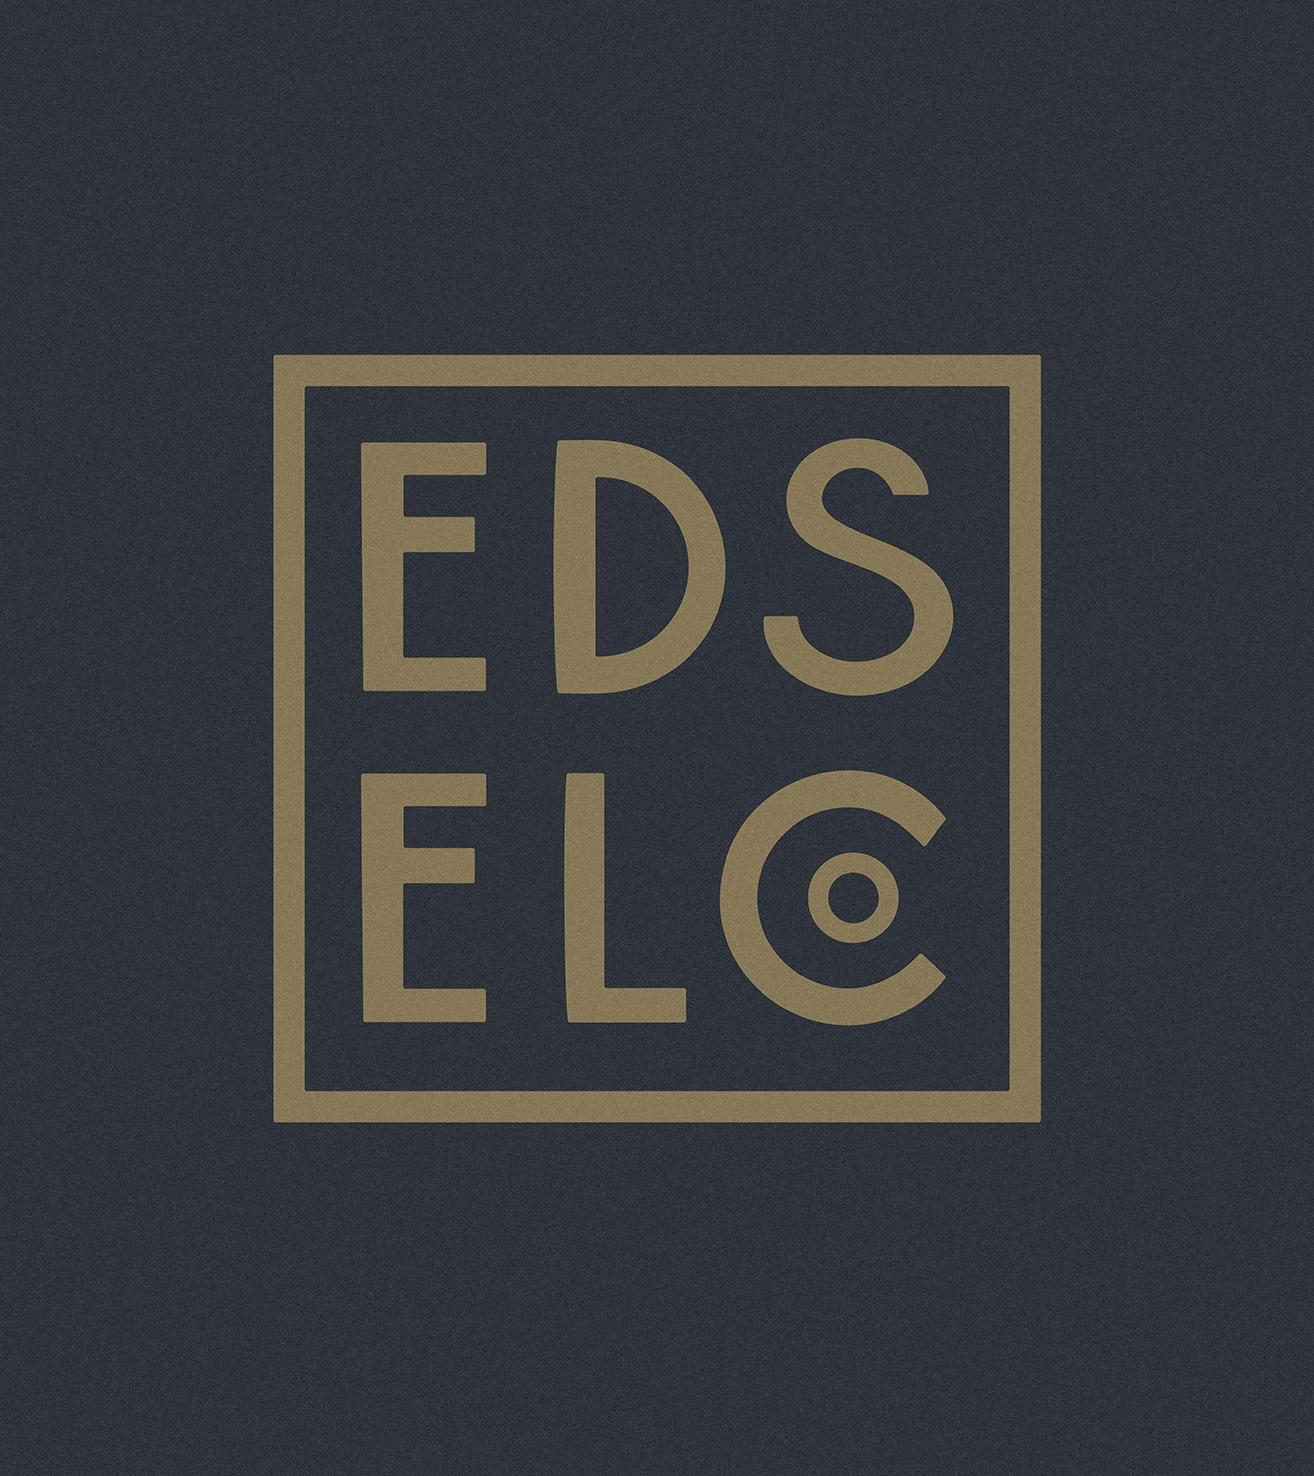 MGS_EDSEL_005